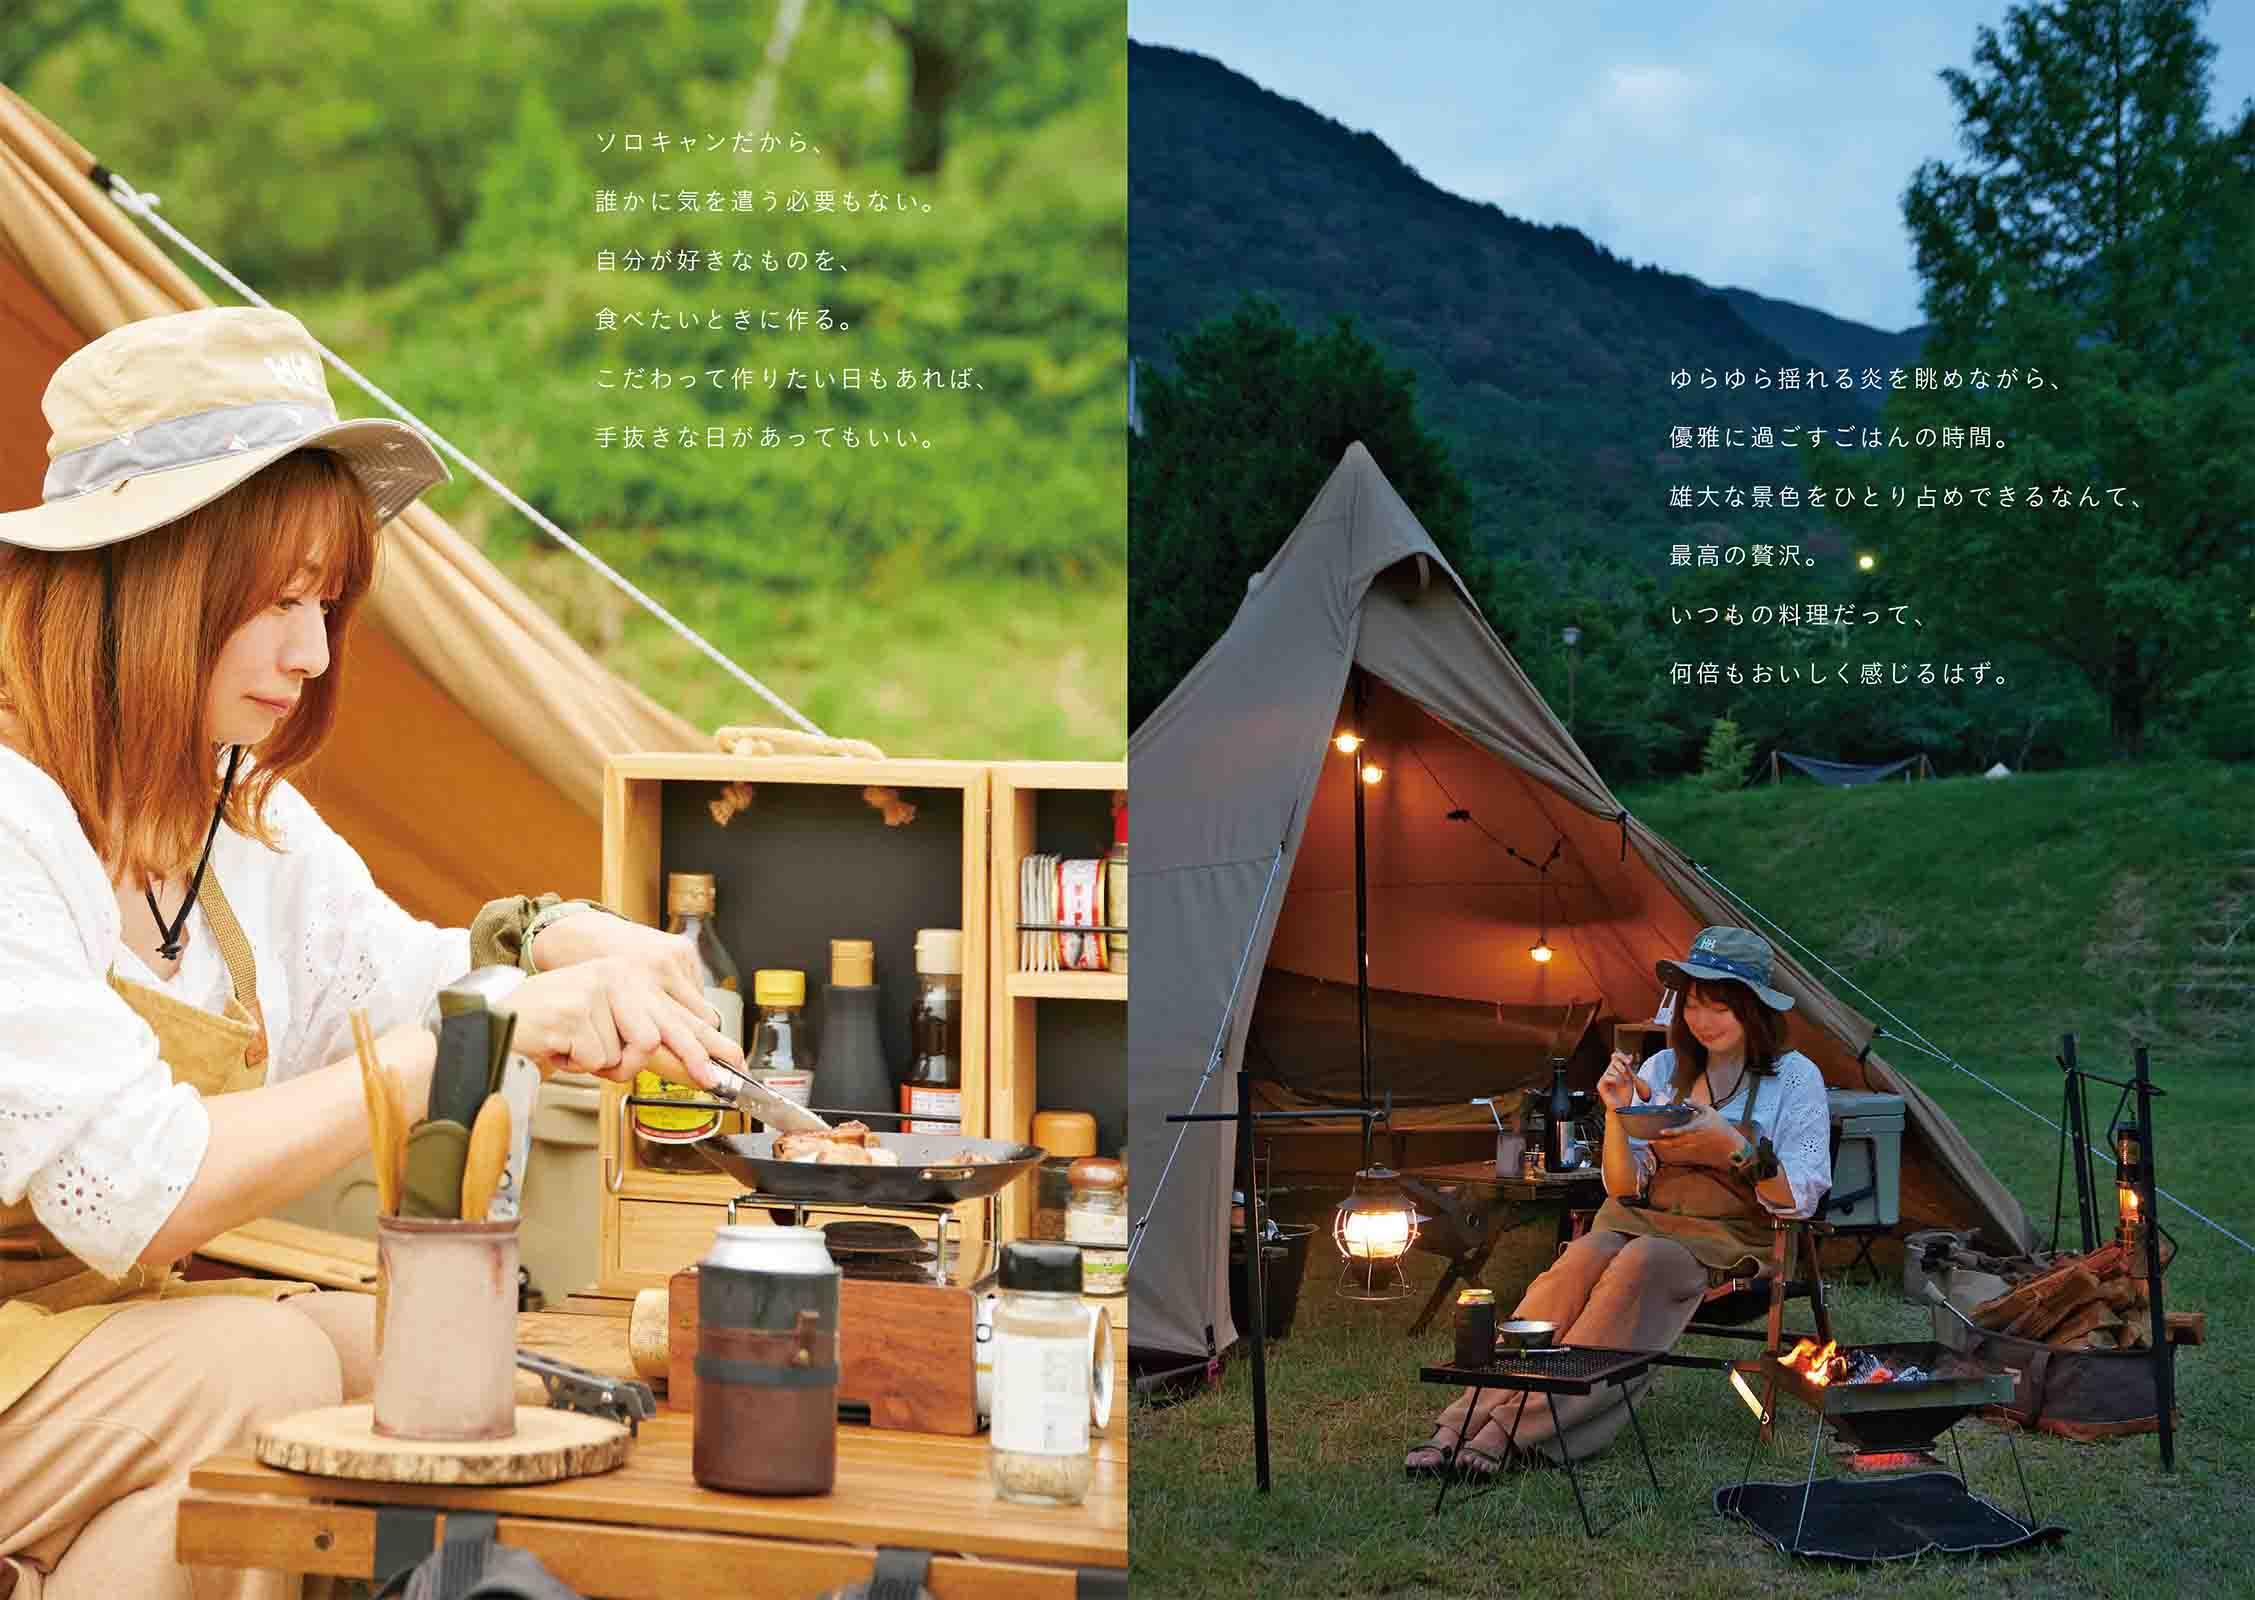 「natsucamp(ナツキャンプ)さん」紙面